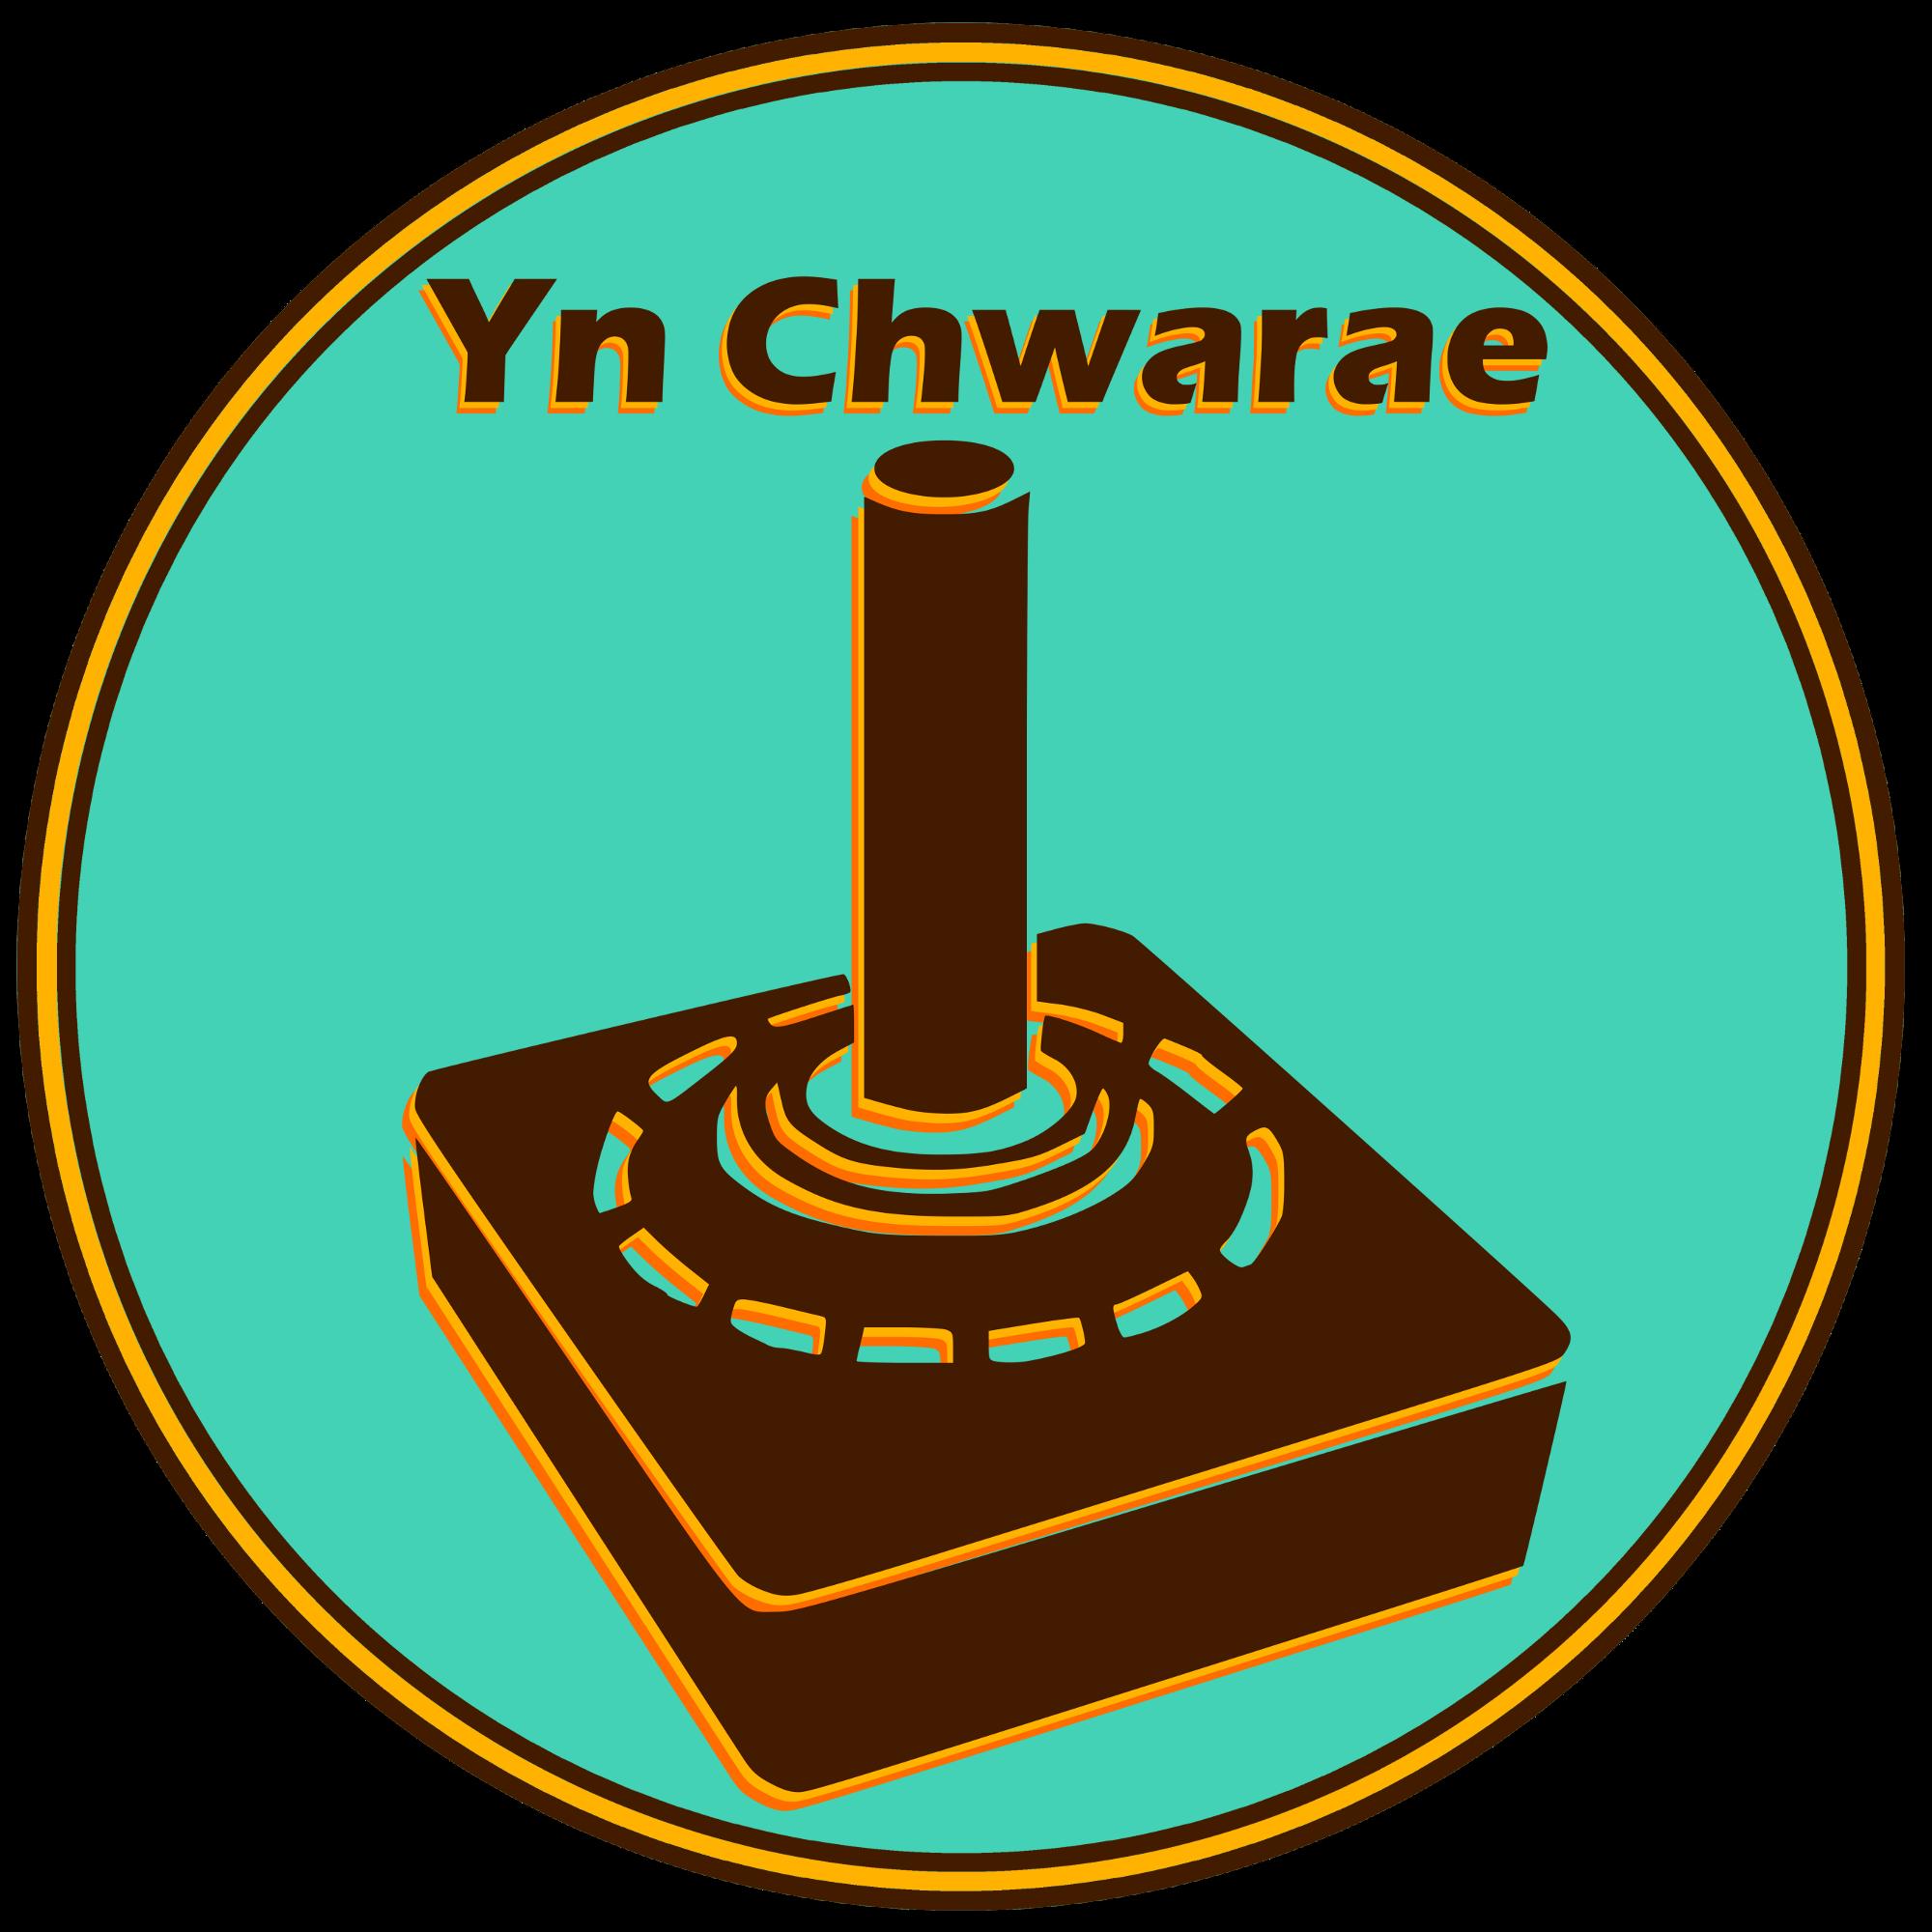 Yn Chwarae